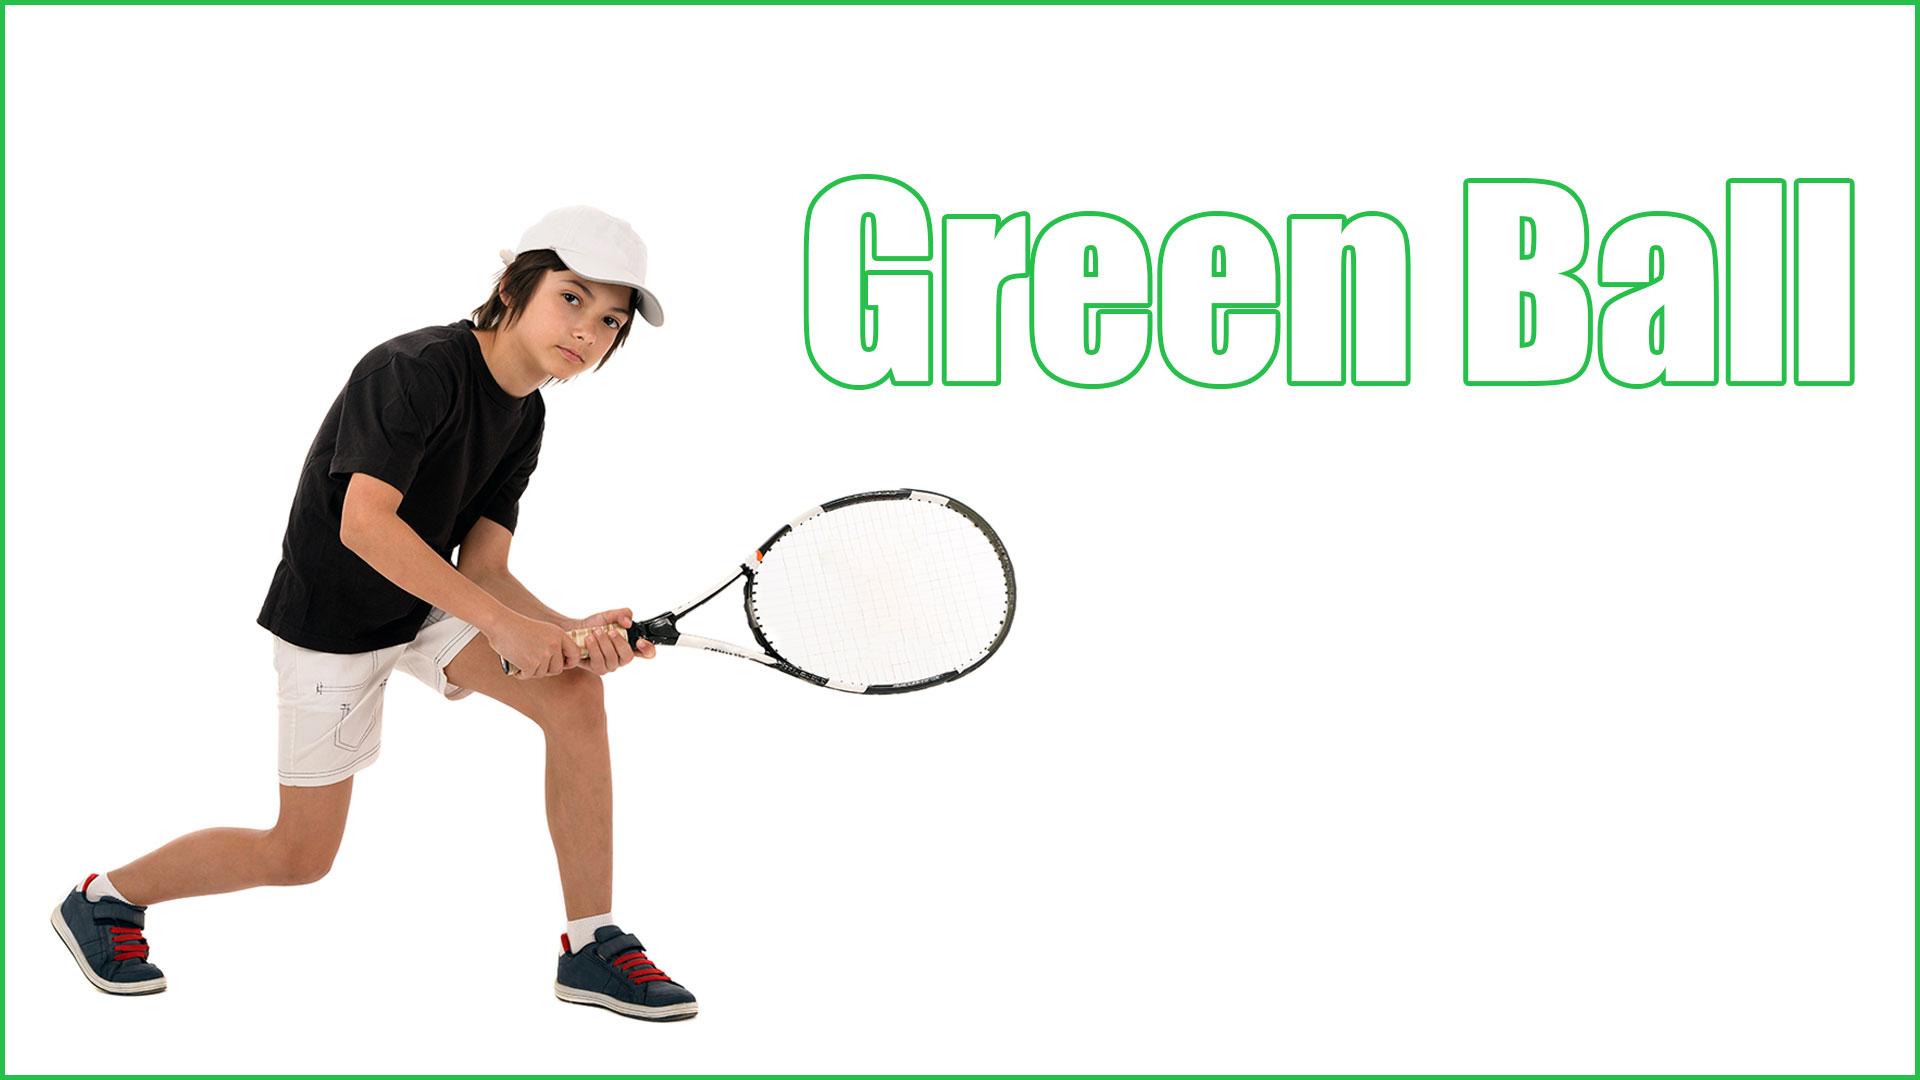 Green Ball Player